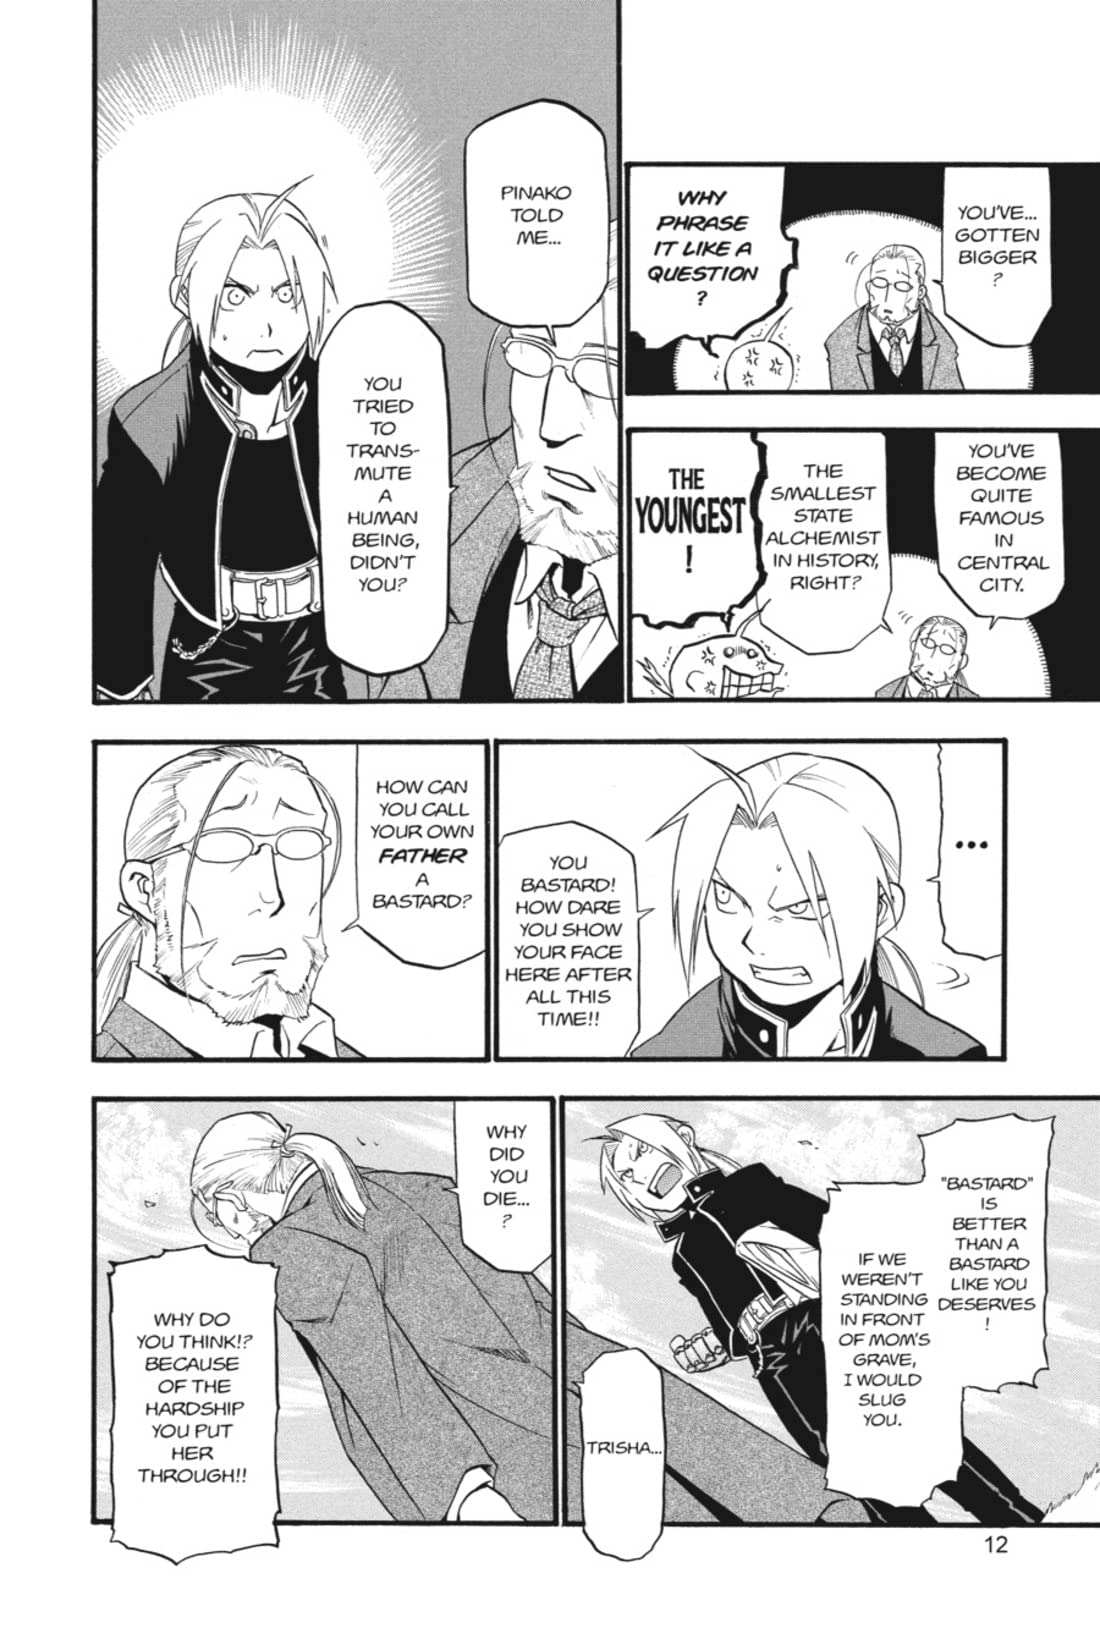 Fullmetal Alchemist Vol. 11